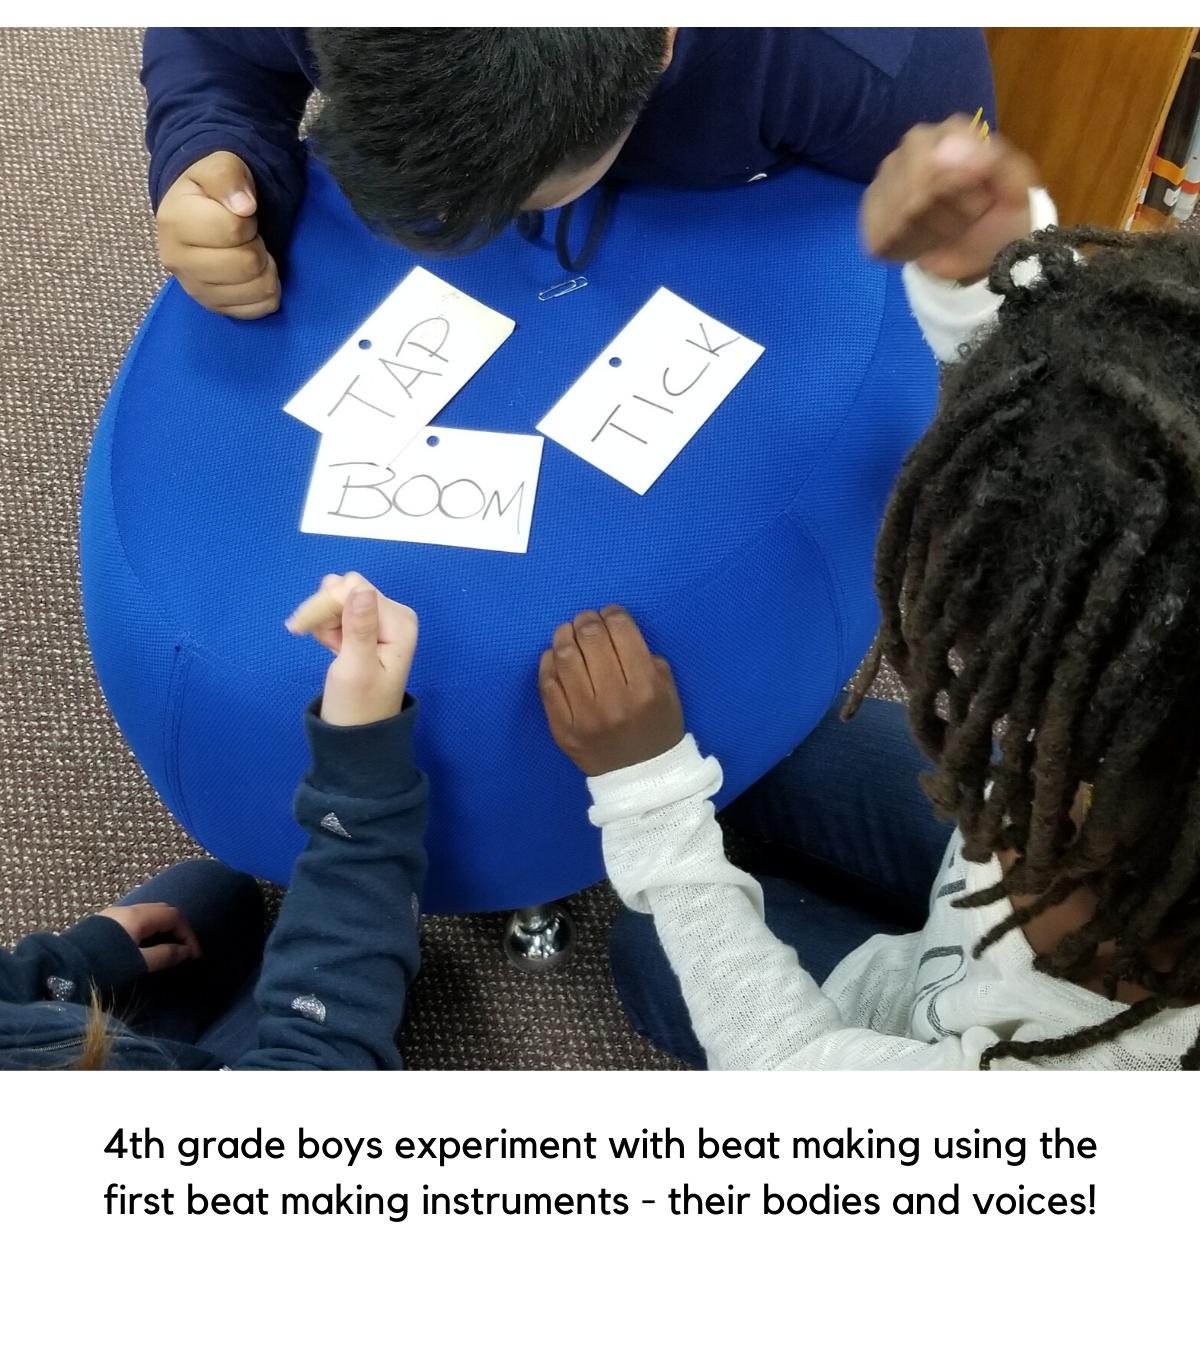 4th graders explore beats